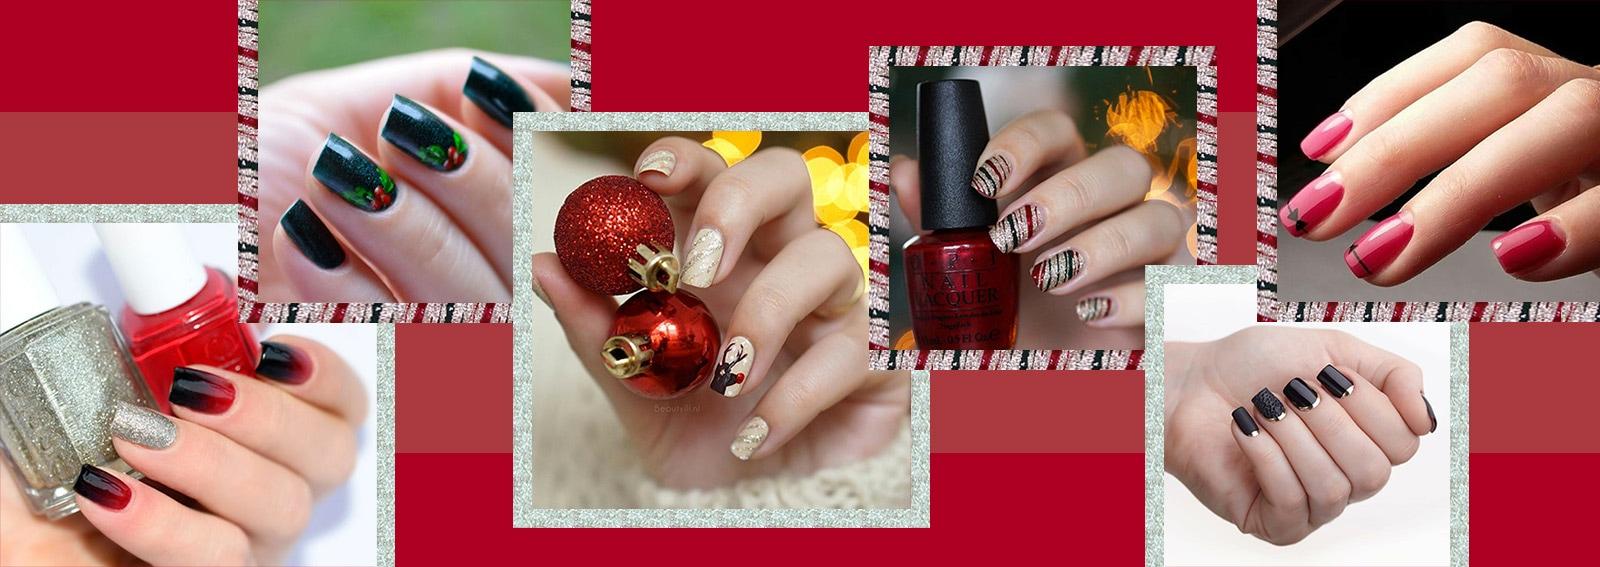 cover-Nail art natalizia la manicure più glam per le feste-desktop